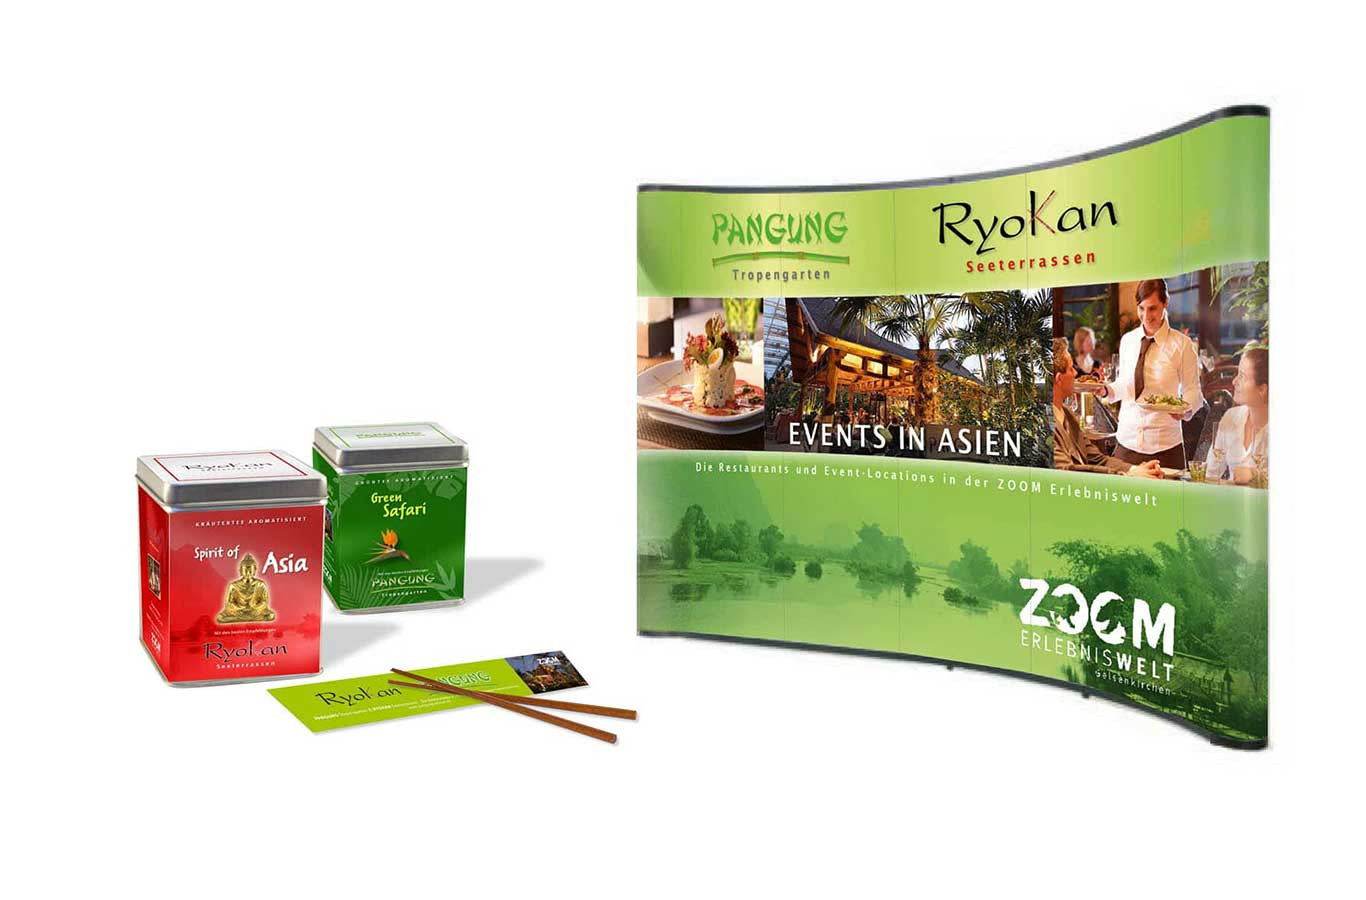 Corporate Design Ryokan der Zoom Erlebniswelt